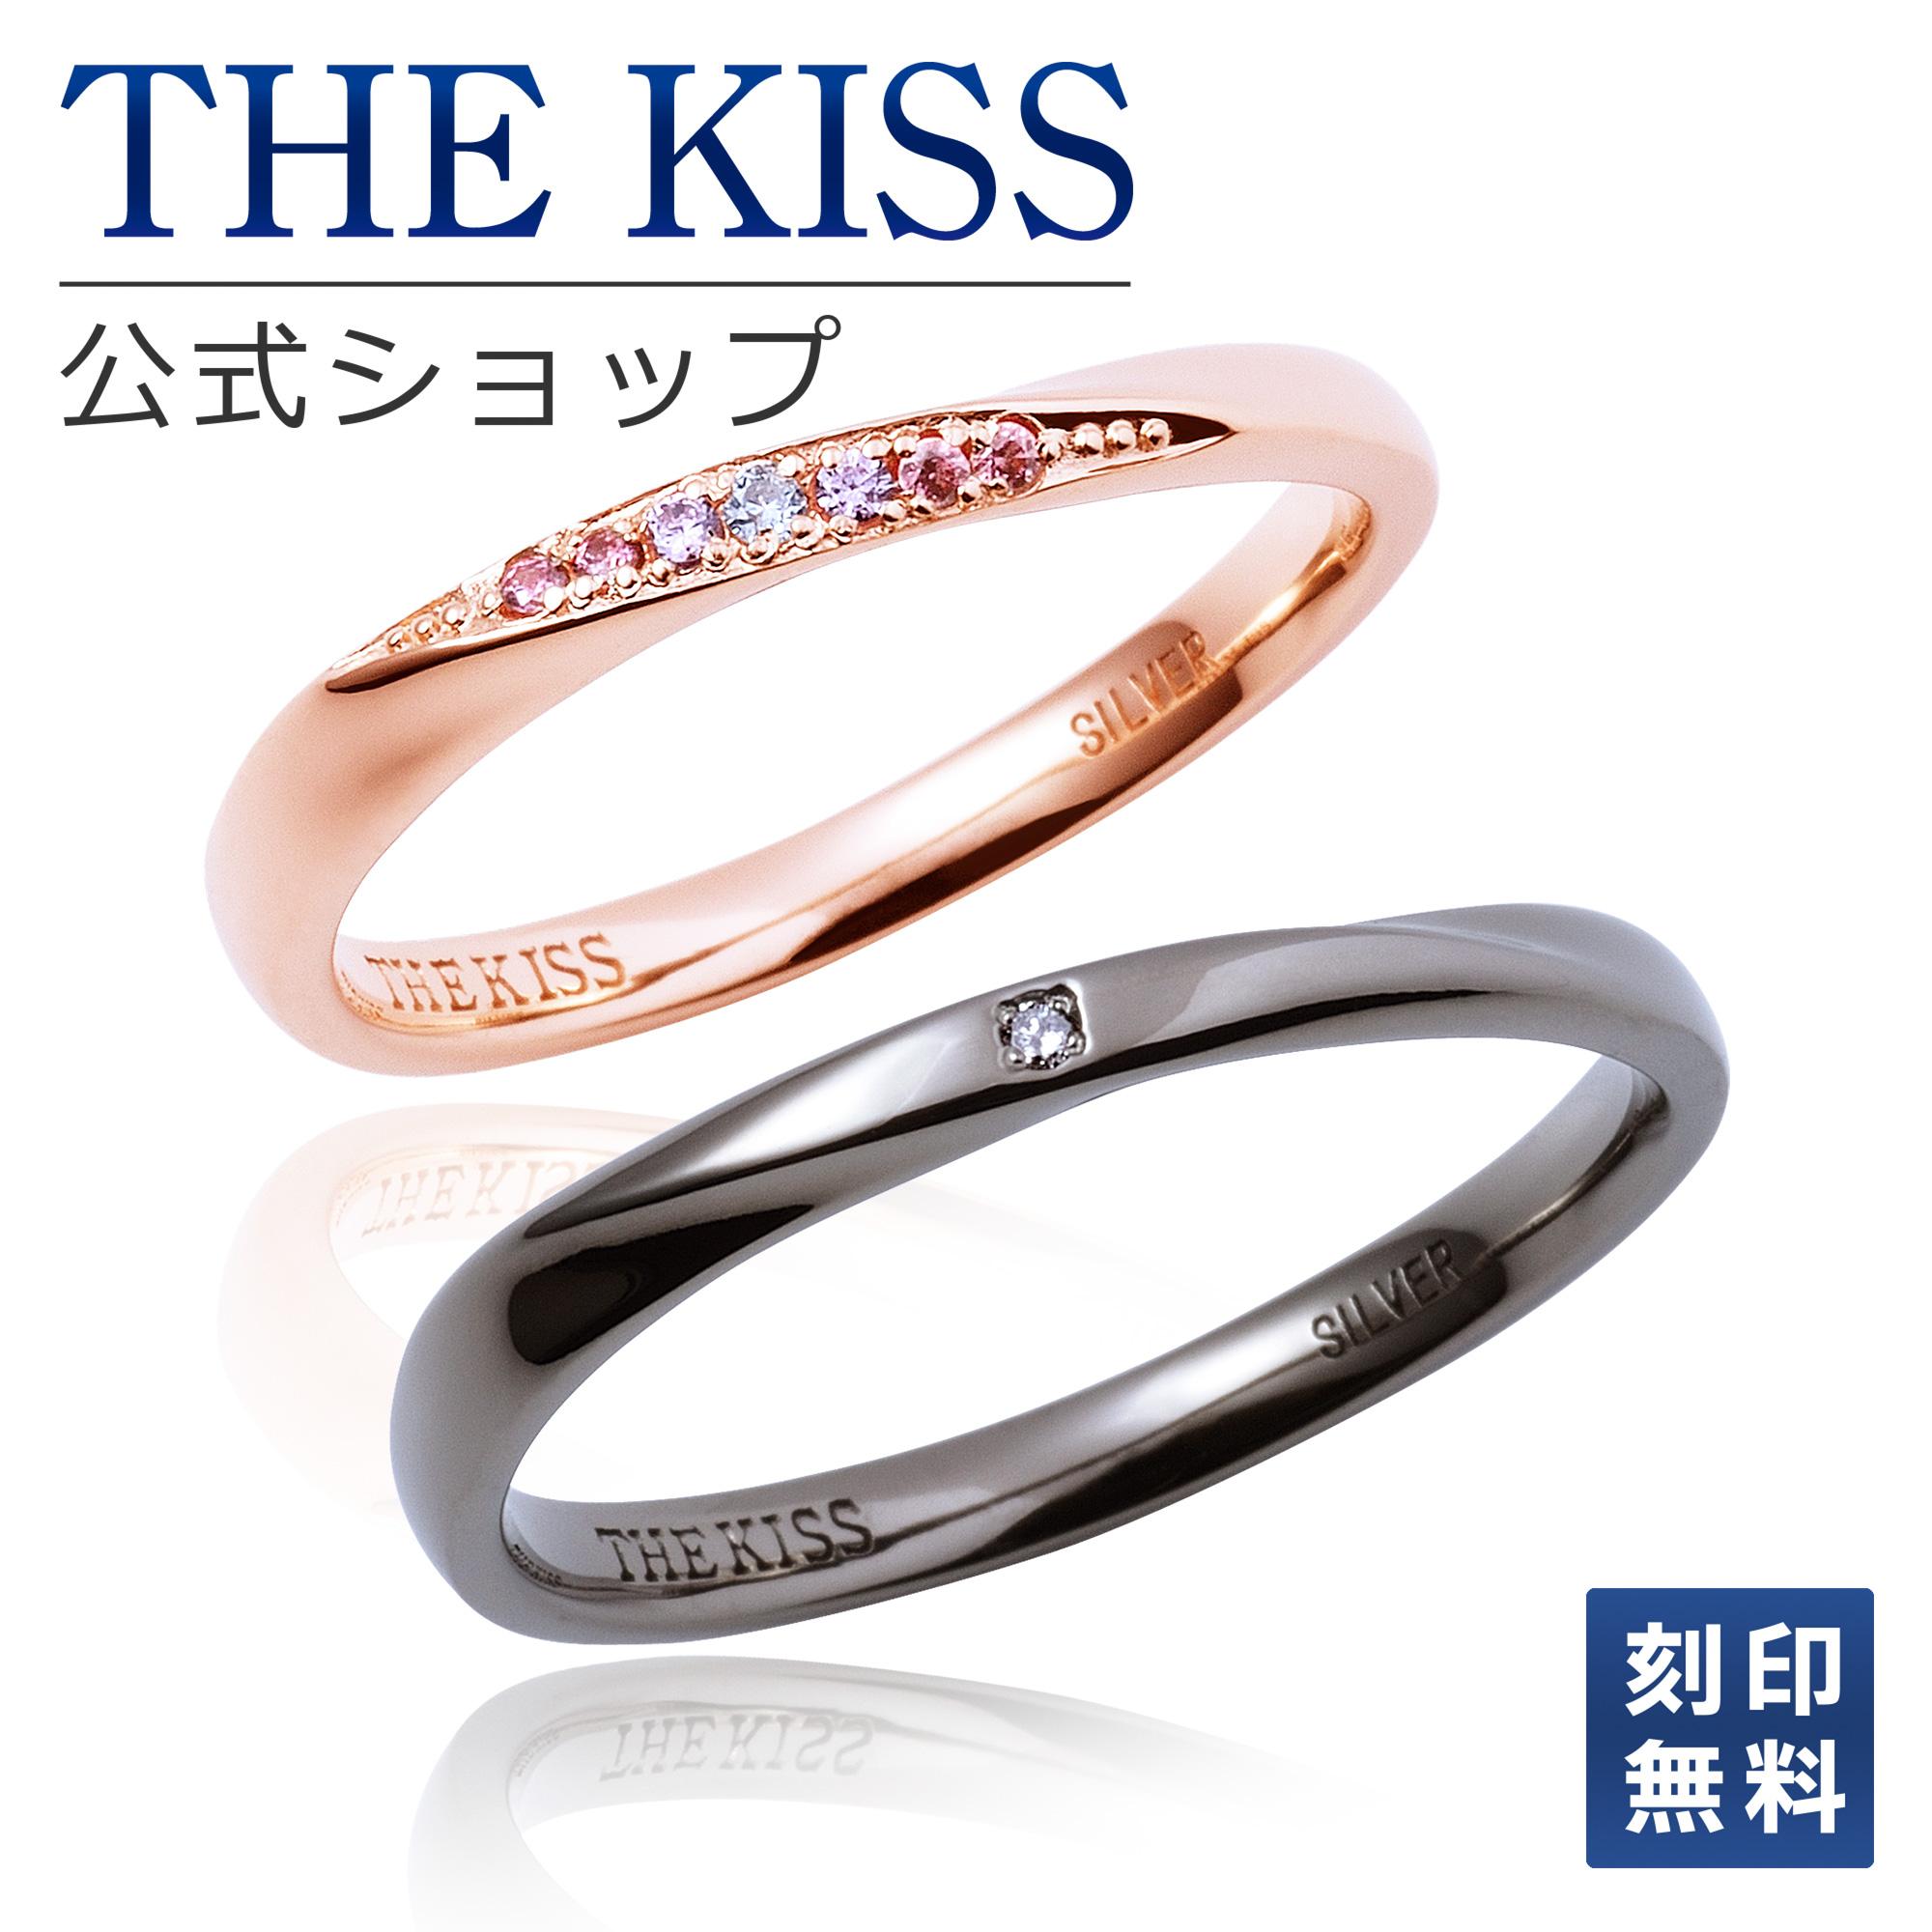 【あす楽対応】THE KISS 公式サイト シルバー ペアリング ダイヤモンド ペアアクセサリー カップル に 人気 の ジュエリーブランド THEKISS ペア リング・指輪 記念日 プレゼント SR1549DM-1550DM セット シンプル ザキス 【送料無料】